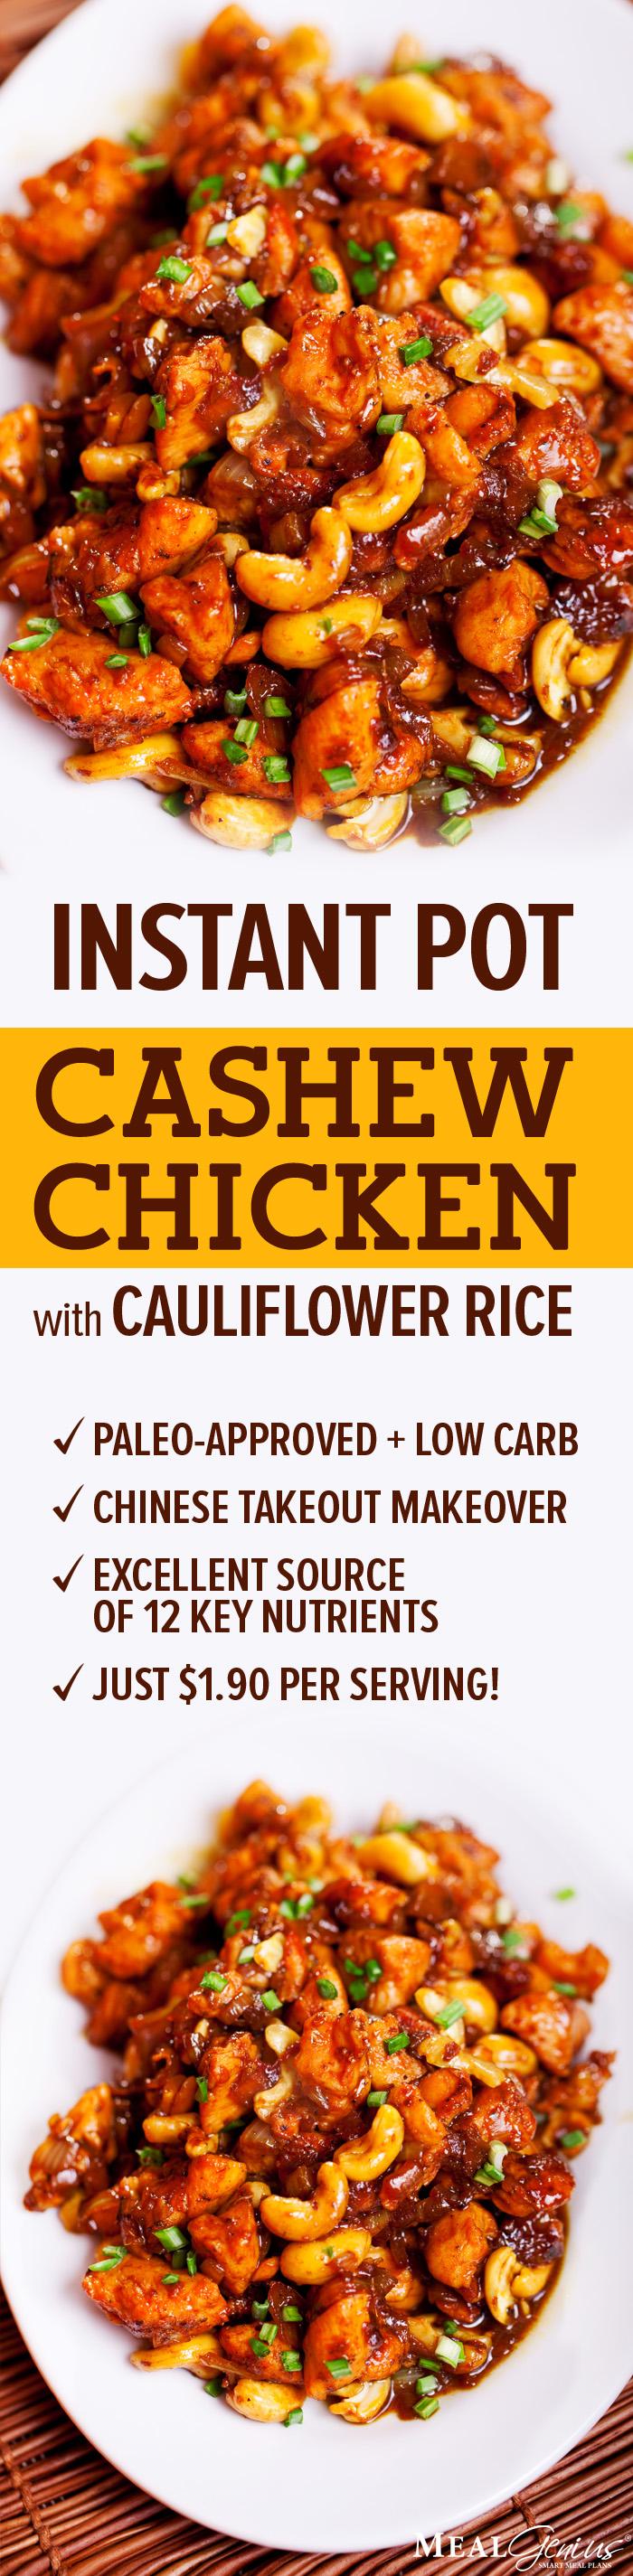 Instant Pot Cashew Chicken Cauliflower Rice - Meal Genius